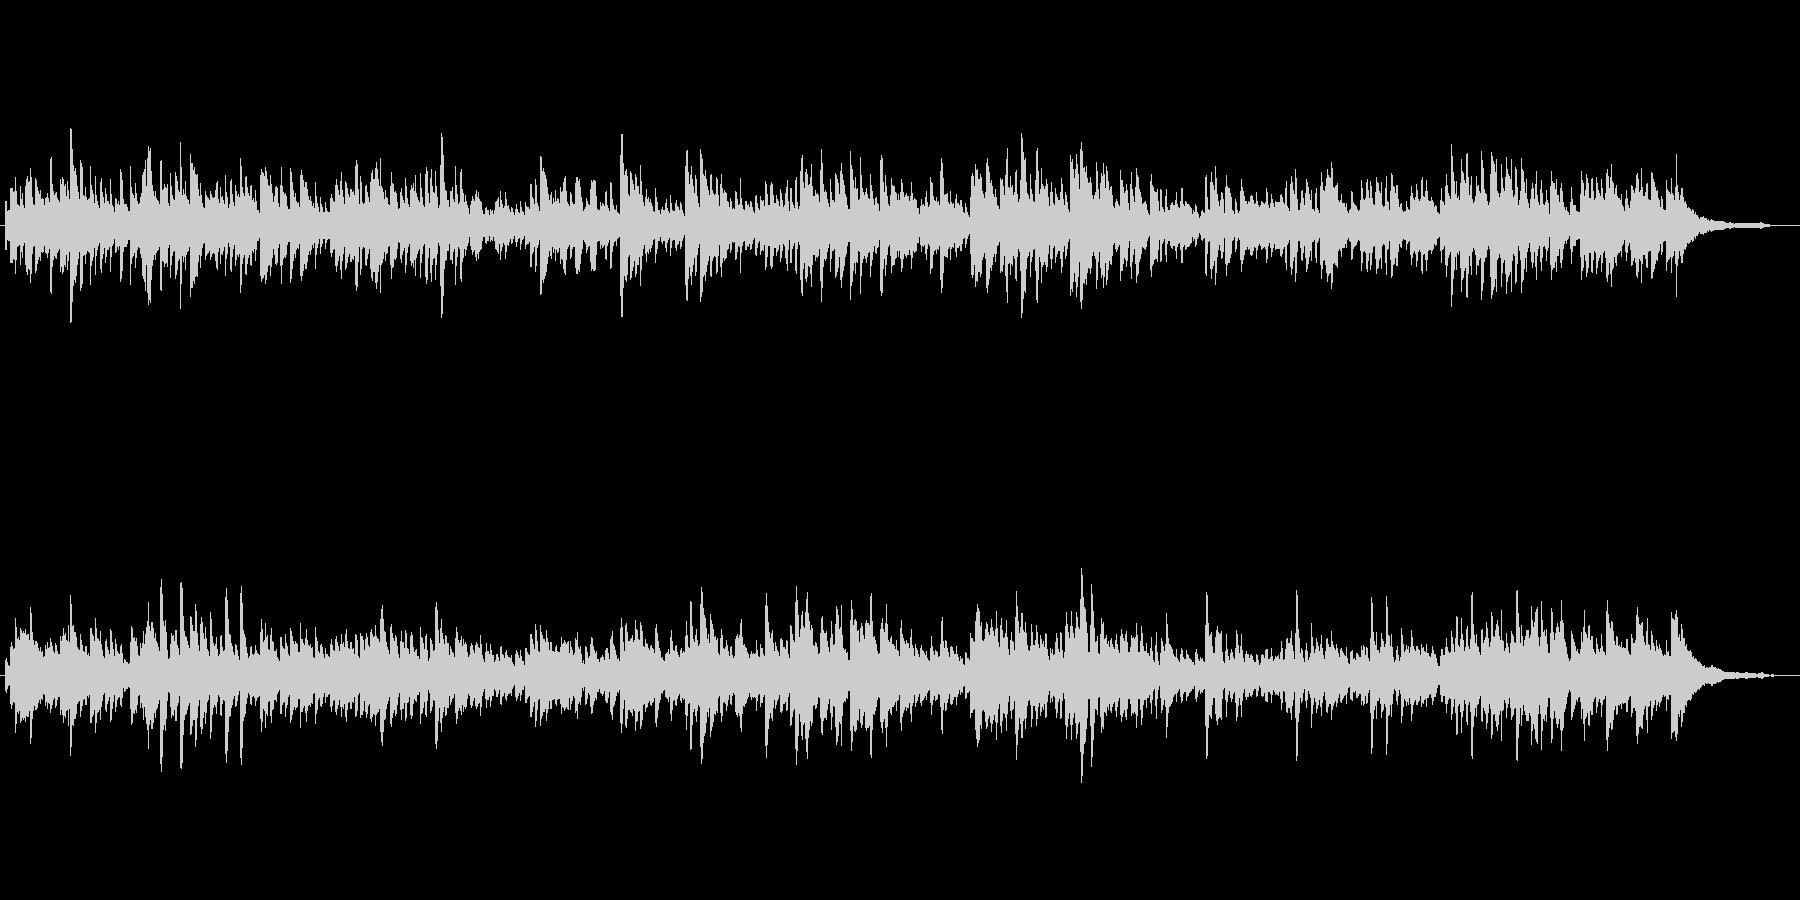 バッハ作のバロック調の曲の未再生の波形